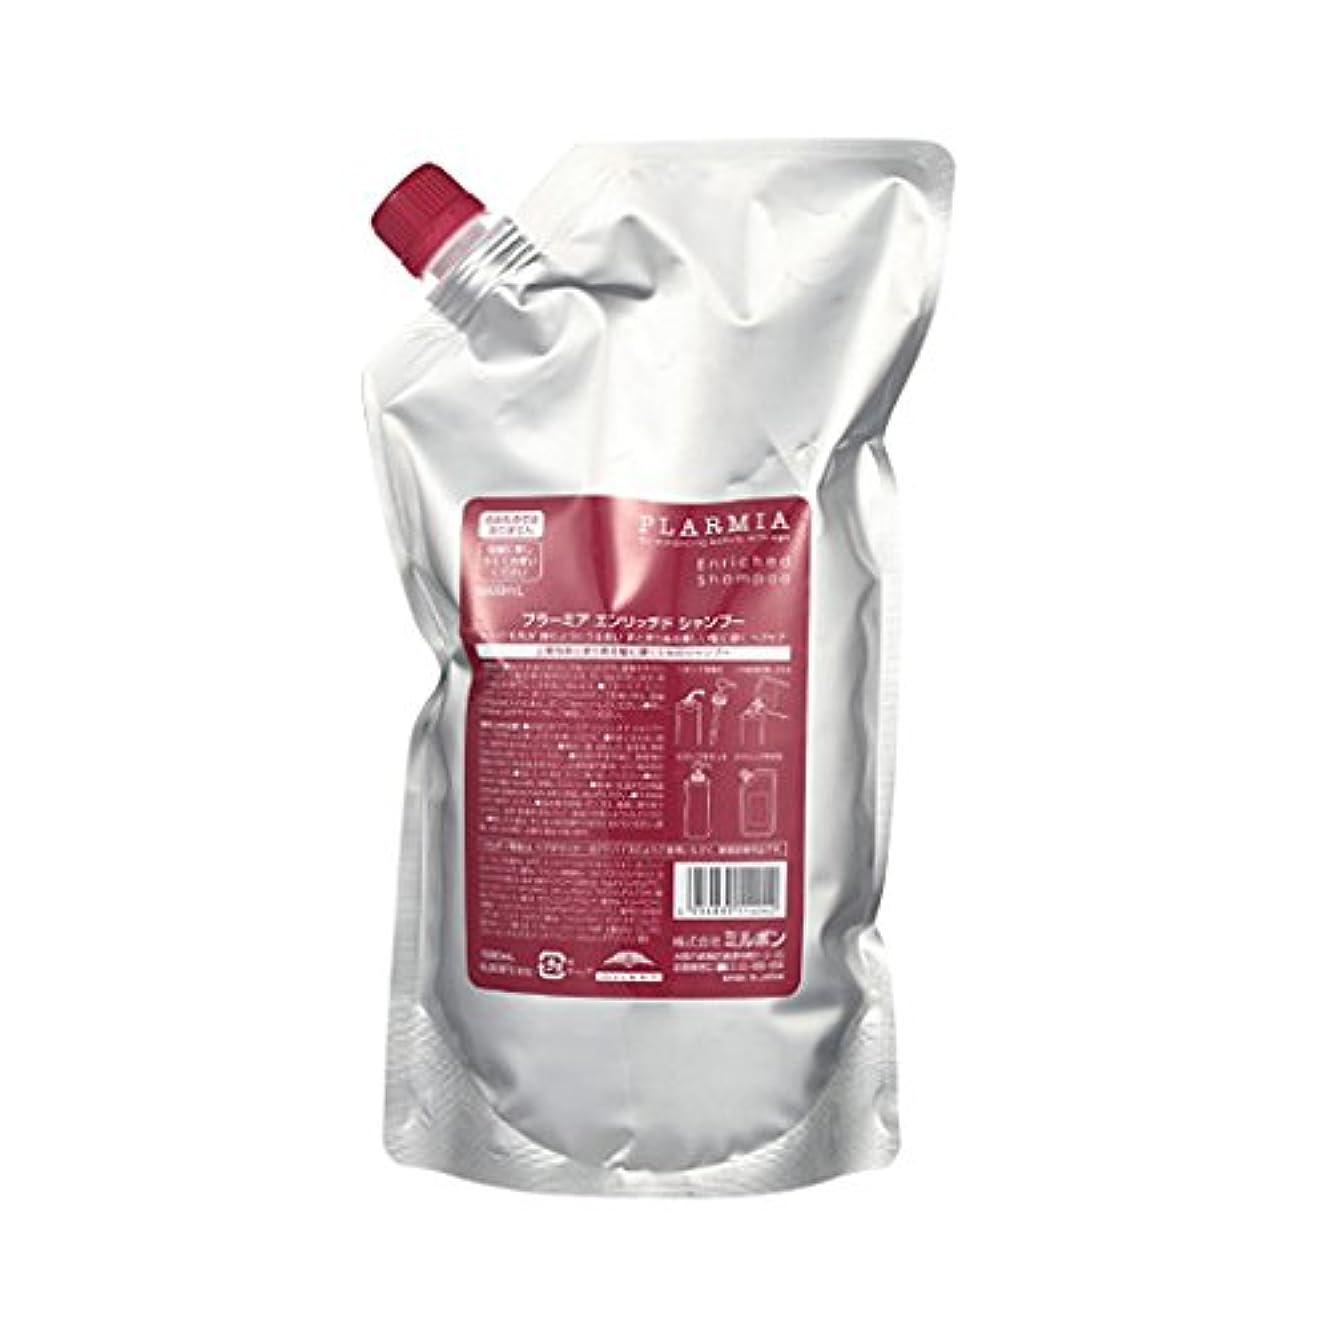 溶融含意日付付きミルボン プラーミア エンリッチド シャンプー (1000mlパック) 詰替用